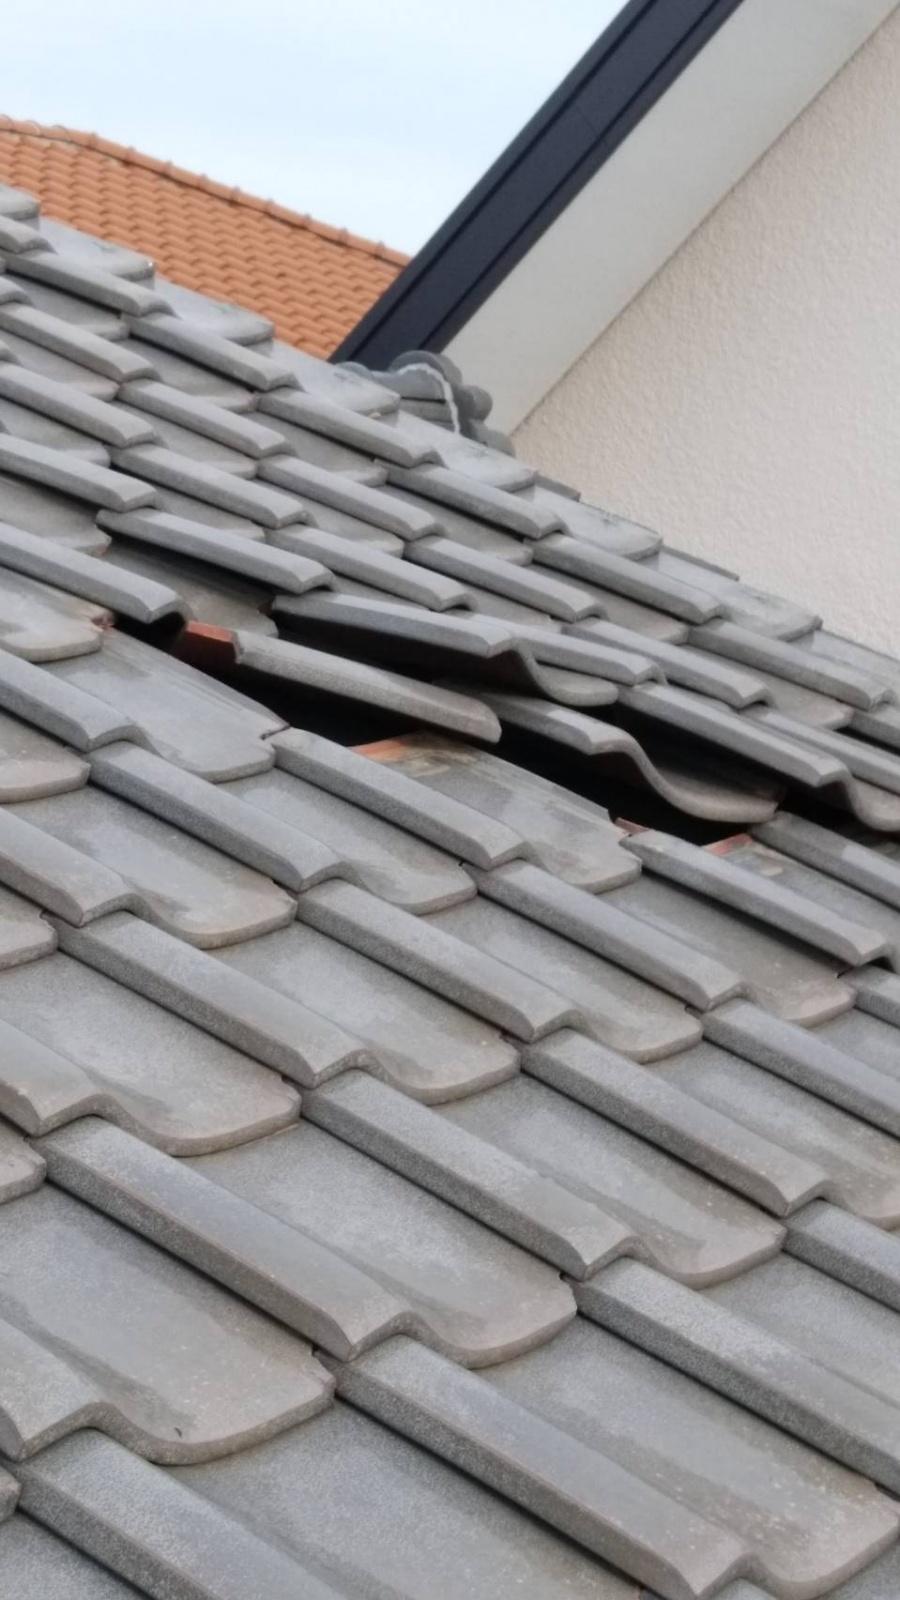 駿河区谷田 強風による屋根瓦ずれと庇屋根材の破損